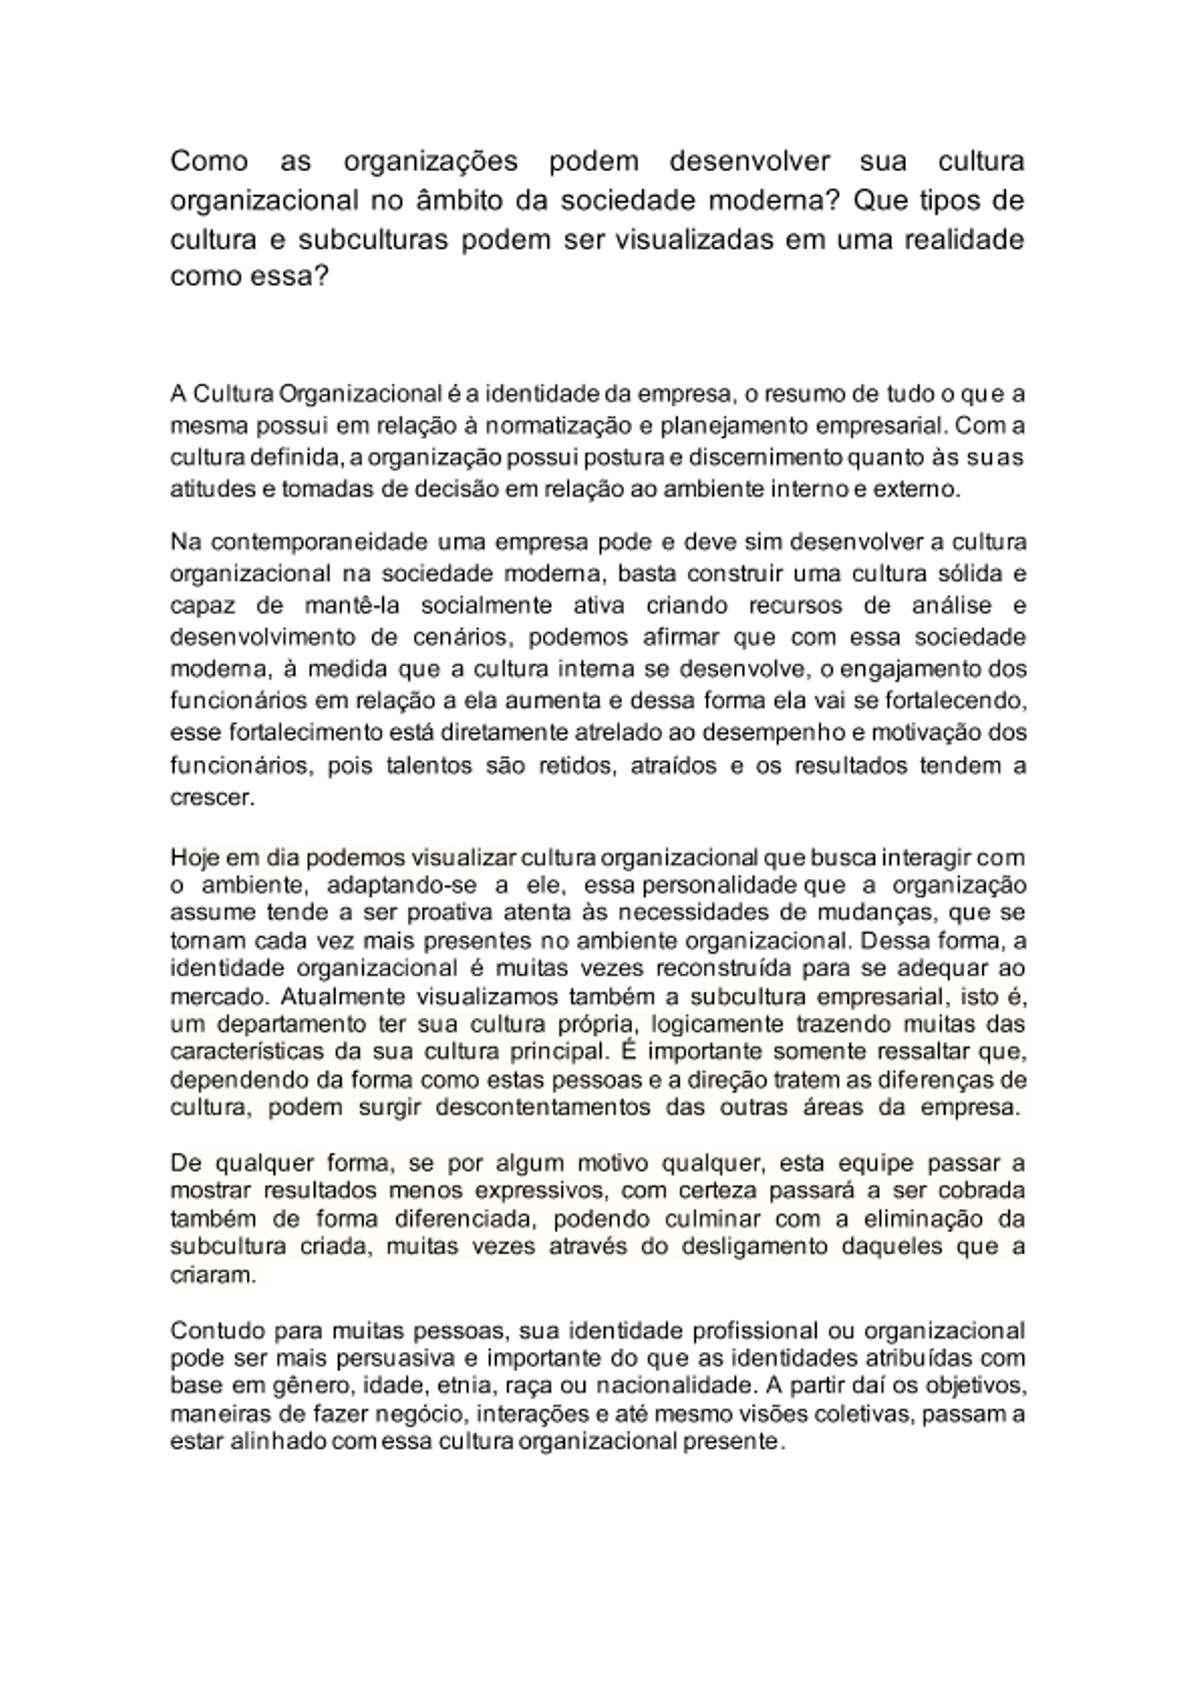 Pre-visualização do material Texto dissertativo de 20 a 30 linhas sobre a seguinte questão: como as organizações podem desenvolver sua cultura organizacional no âmbito da sociedade moderna? Que tipos de cultura e subculturas podem ser visualizadas em uma realidade como essa? - página 1